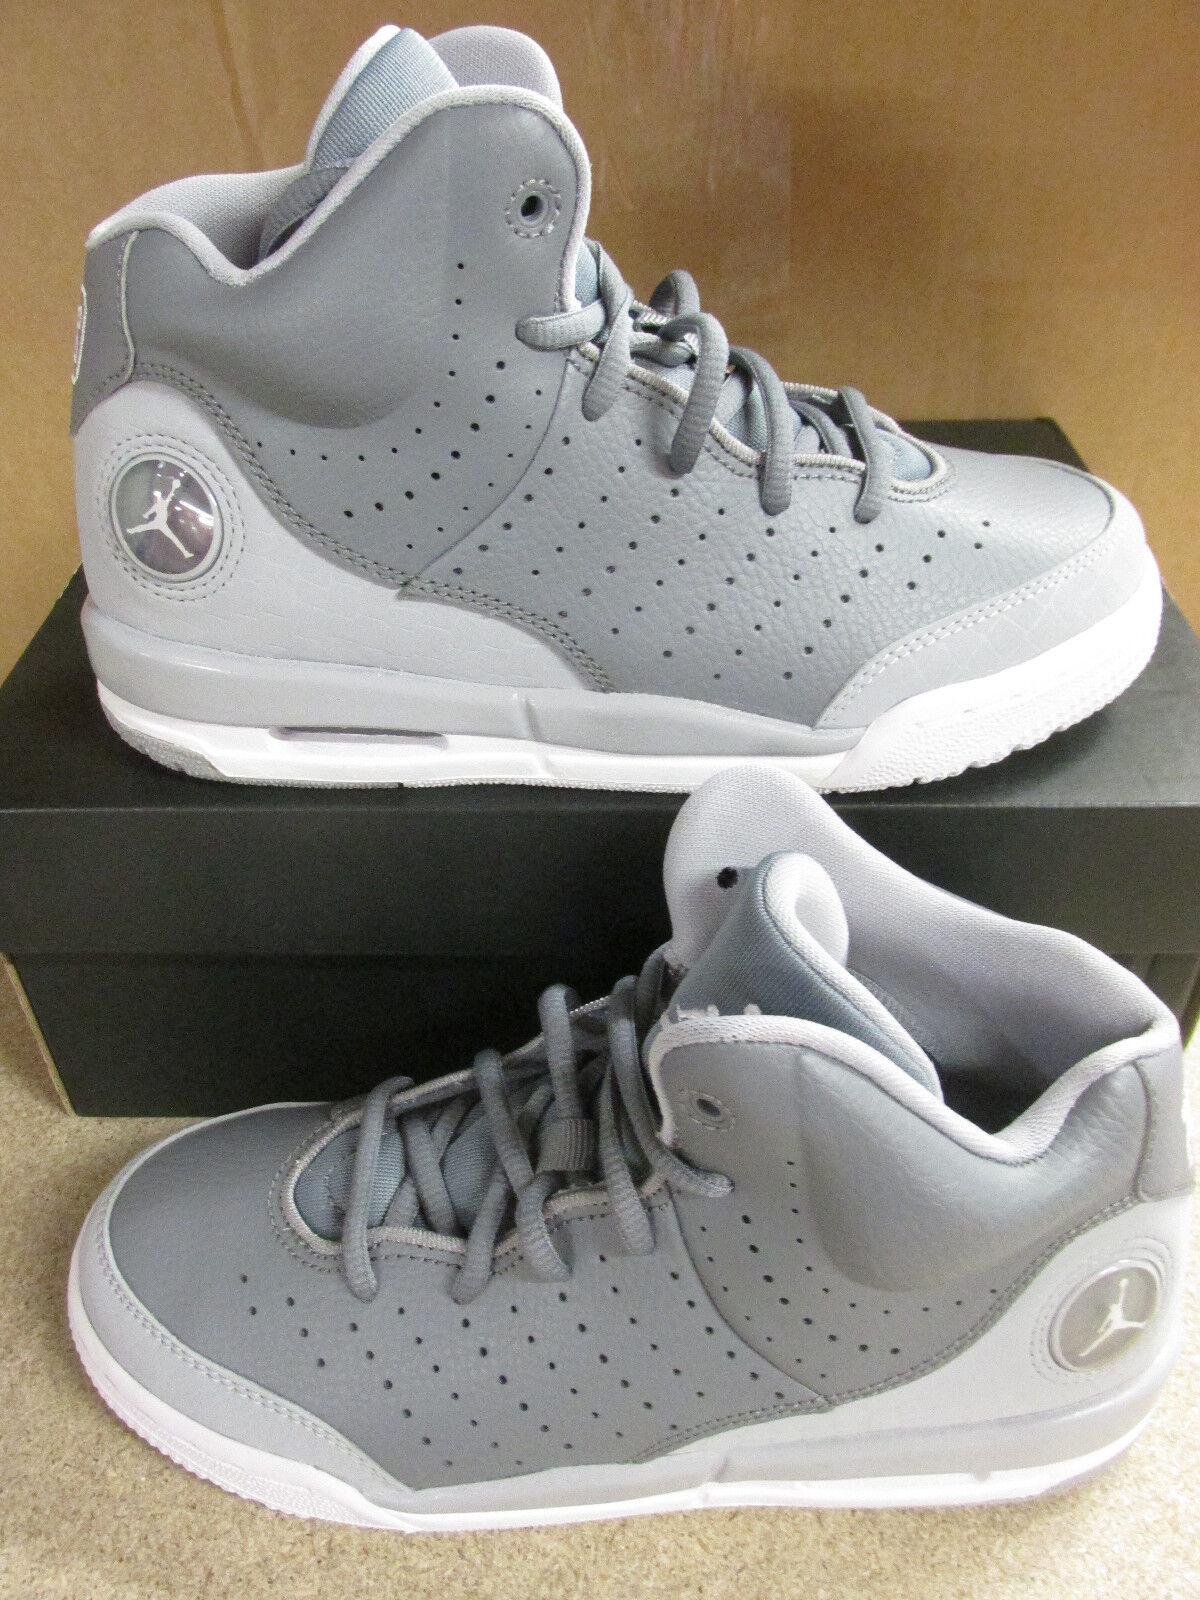 Nike Air Jordan Flight Tradition BG Hi Top Trainers 819473 003 Sneakers Chaussures